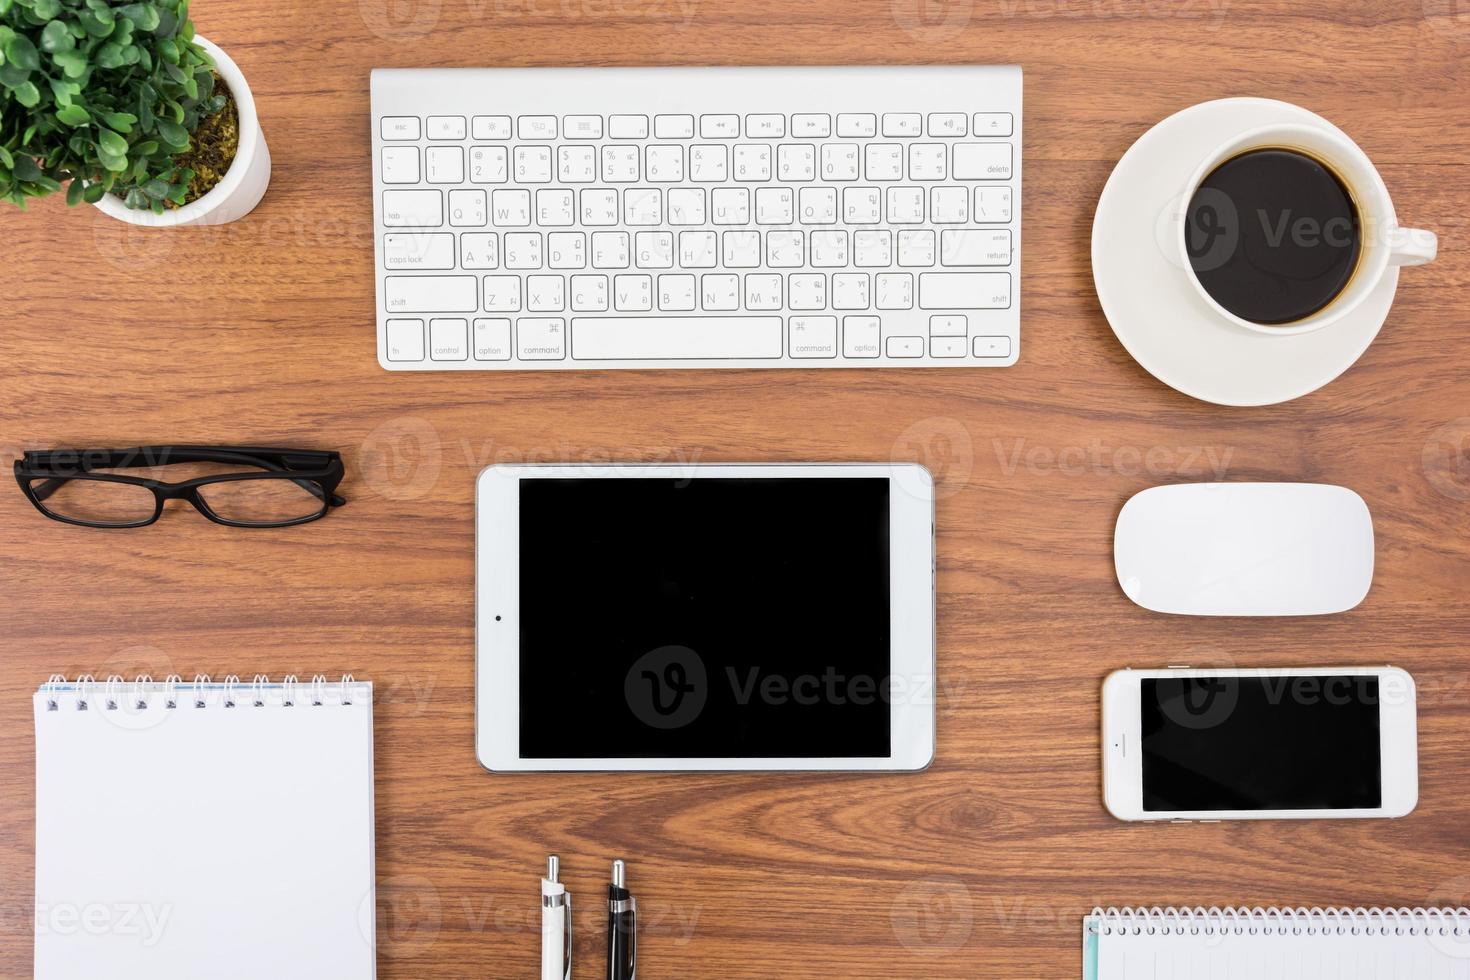 bureau d'affaires avec un clavier, une souris et un stylo photo